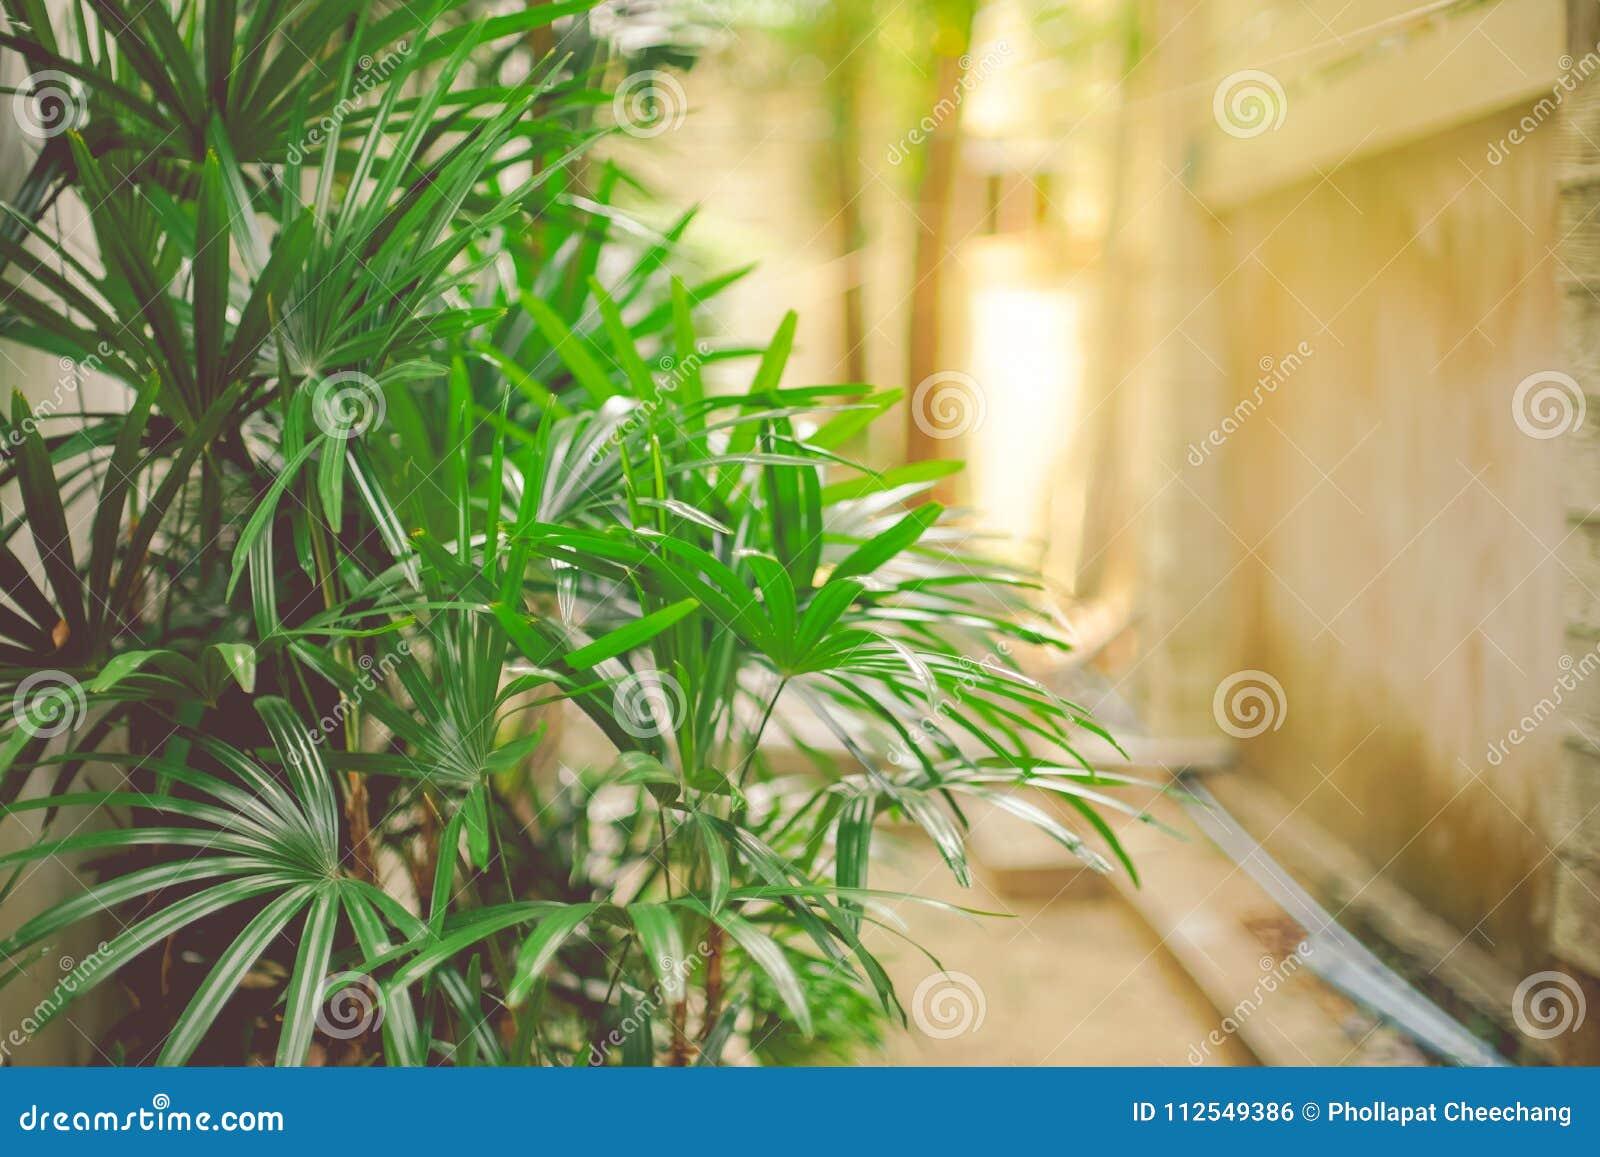 Bambuspalmen ArekanussPalmen Im Garten Als Wandhintergrund